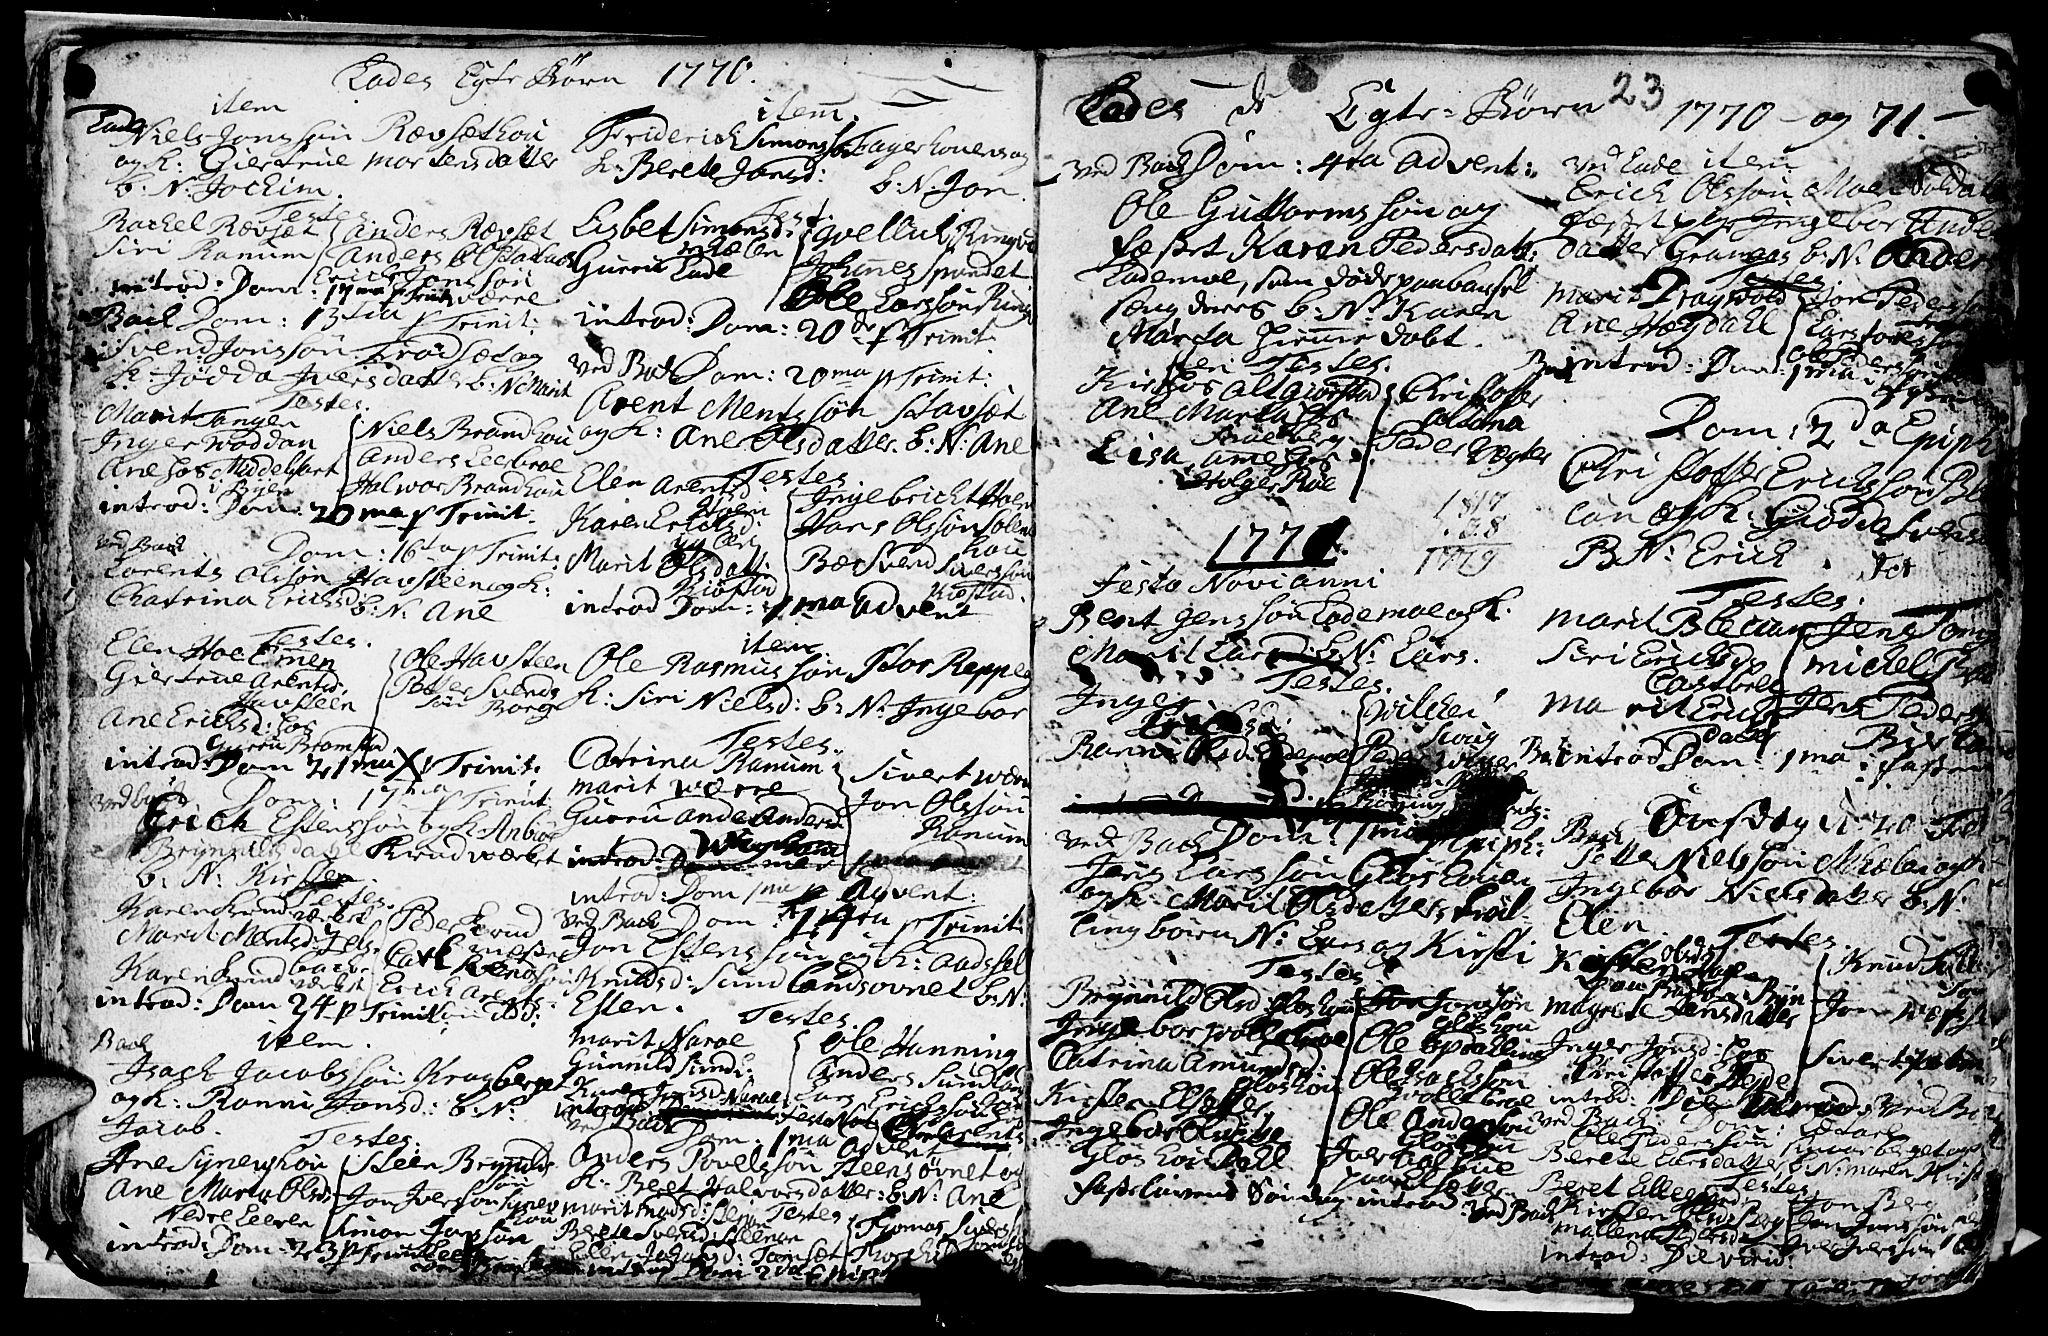 SAT, Ministerialprotokoller, klokkerbøker og fødselsregistre - Sør-Trøndelag, 606/L0305: Klokkerbok nr. 606C01, 1757-1819, s. 23